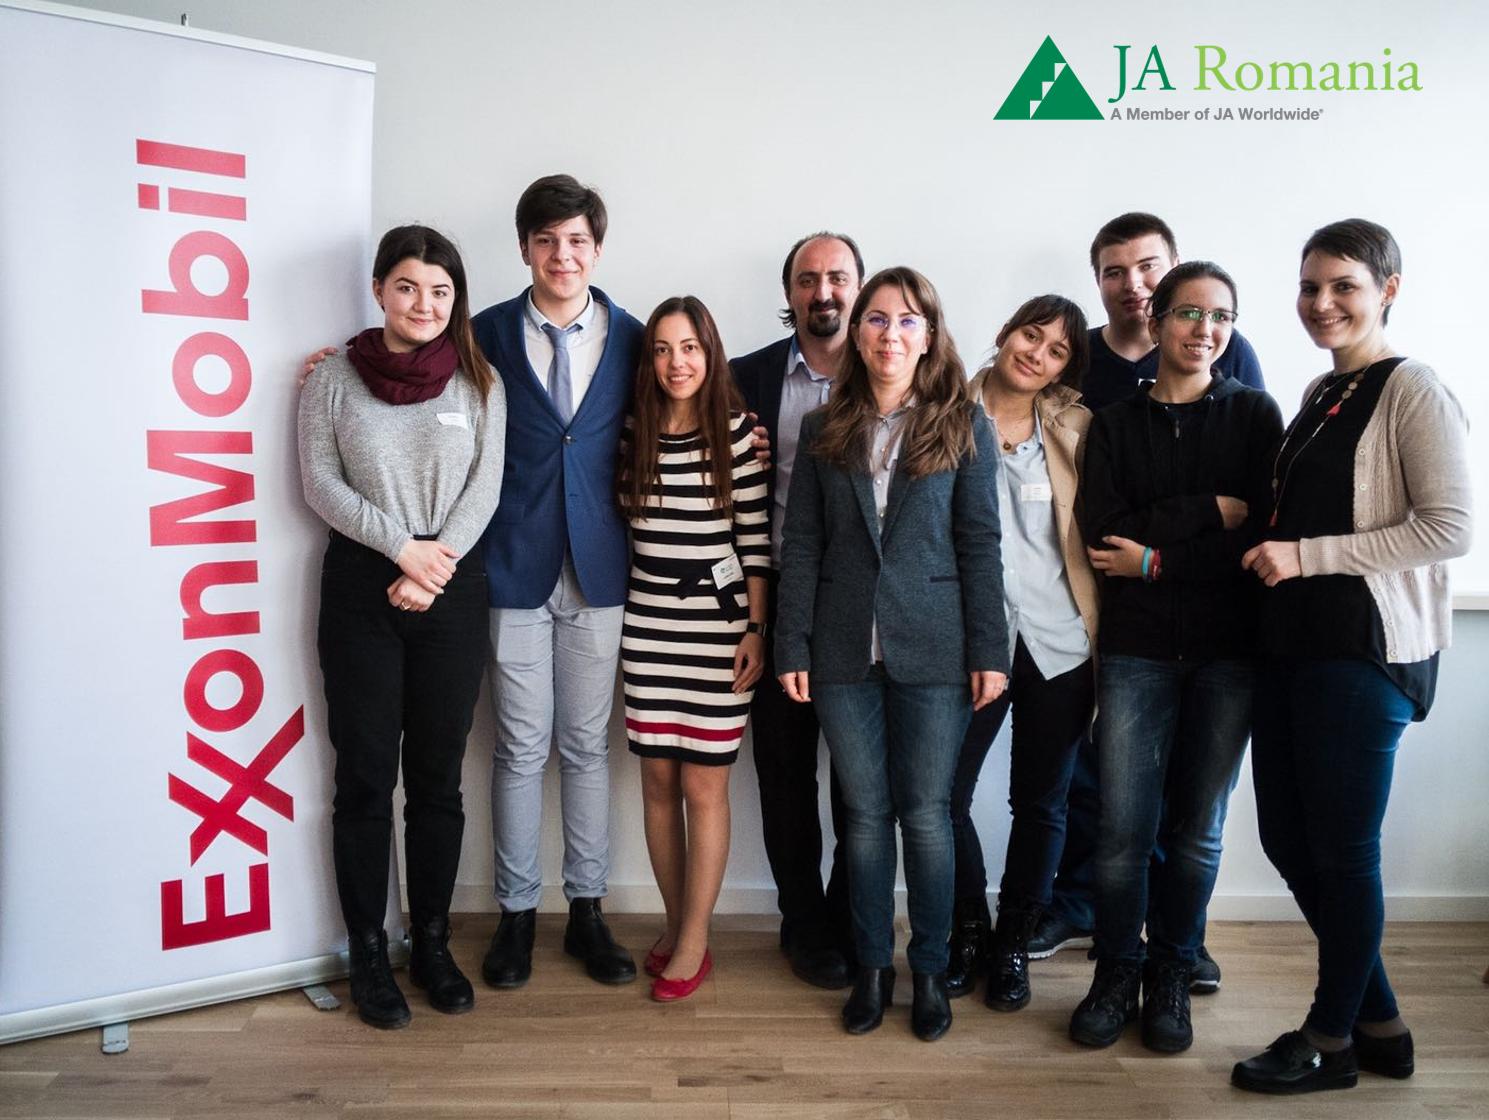 5 elevi creativi din Constanța selectați să reprezinte România la Finala Europeană a competiției Sci-Tech Challenge 2018 din Bruxelles